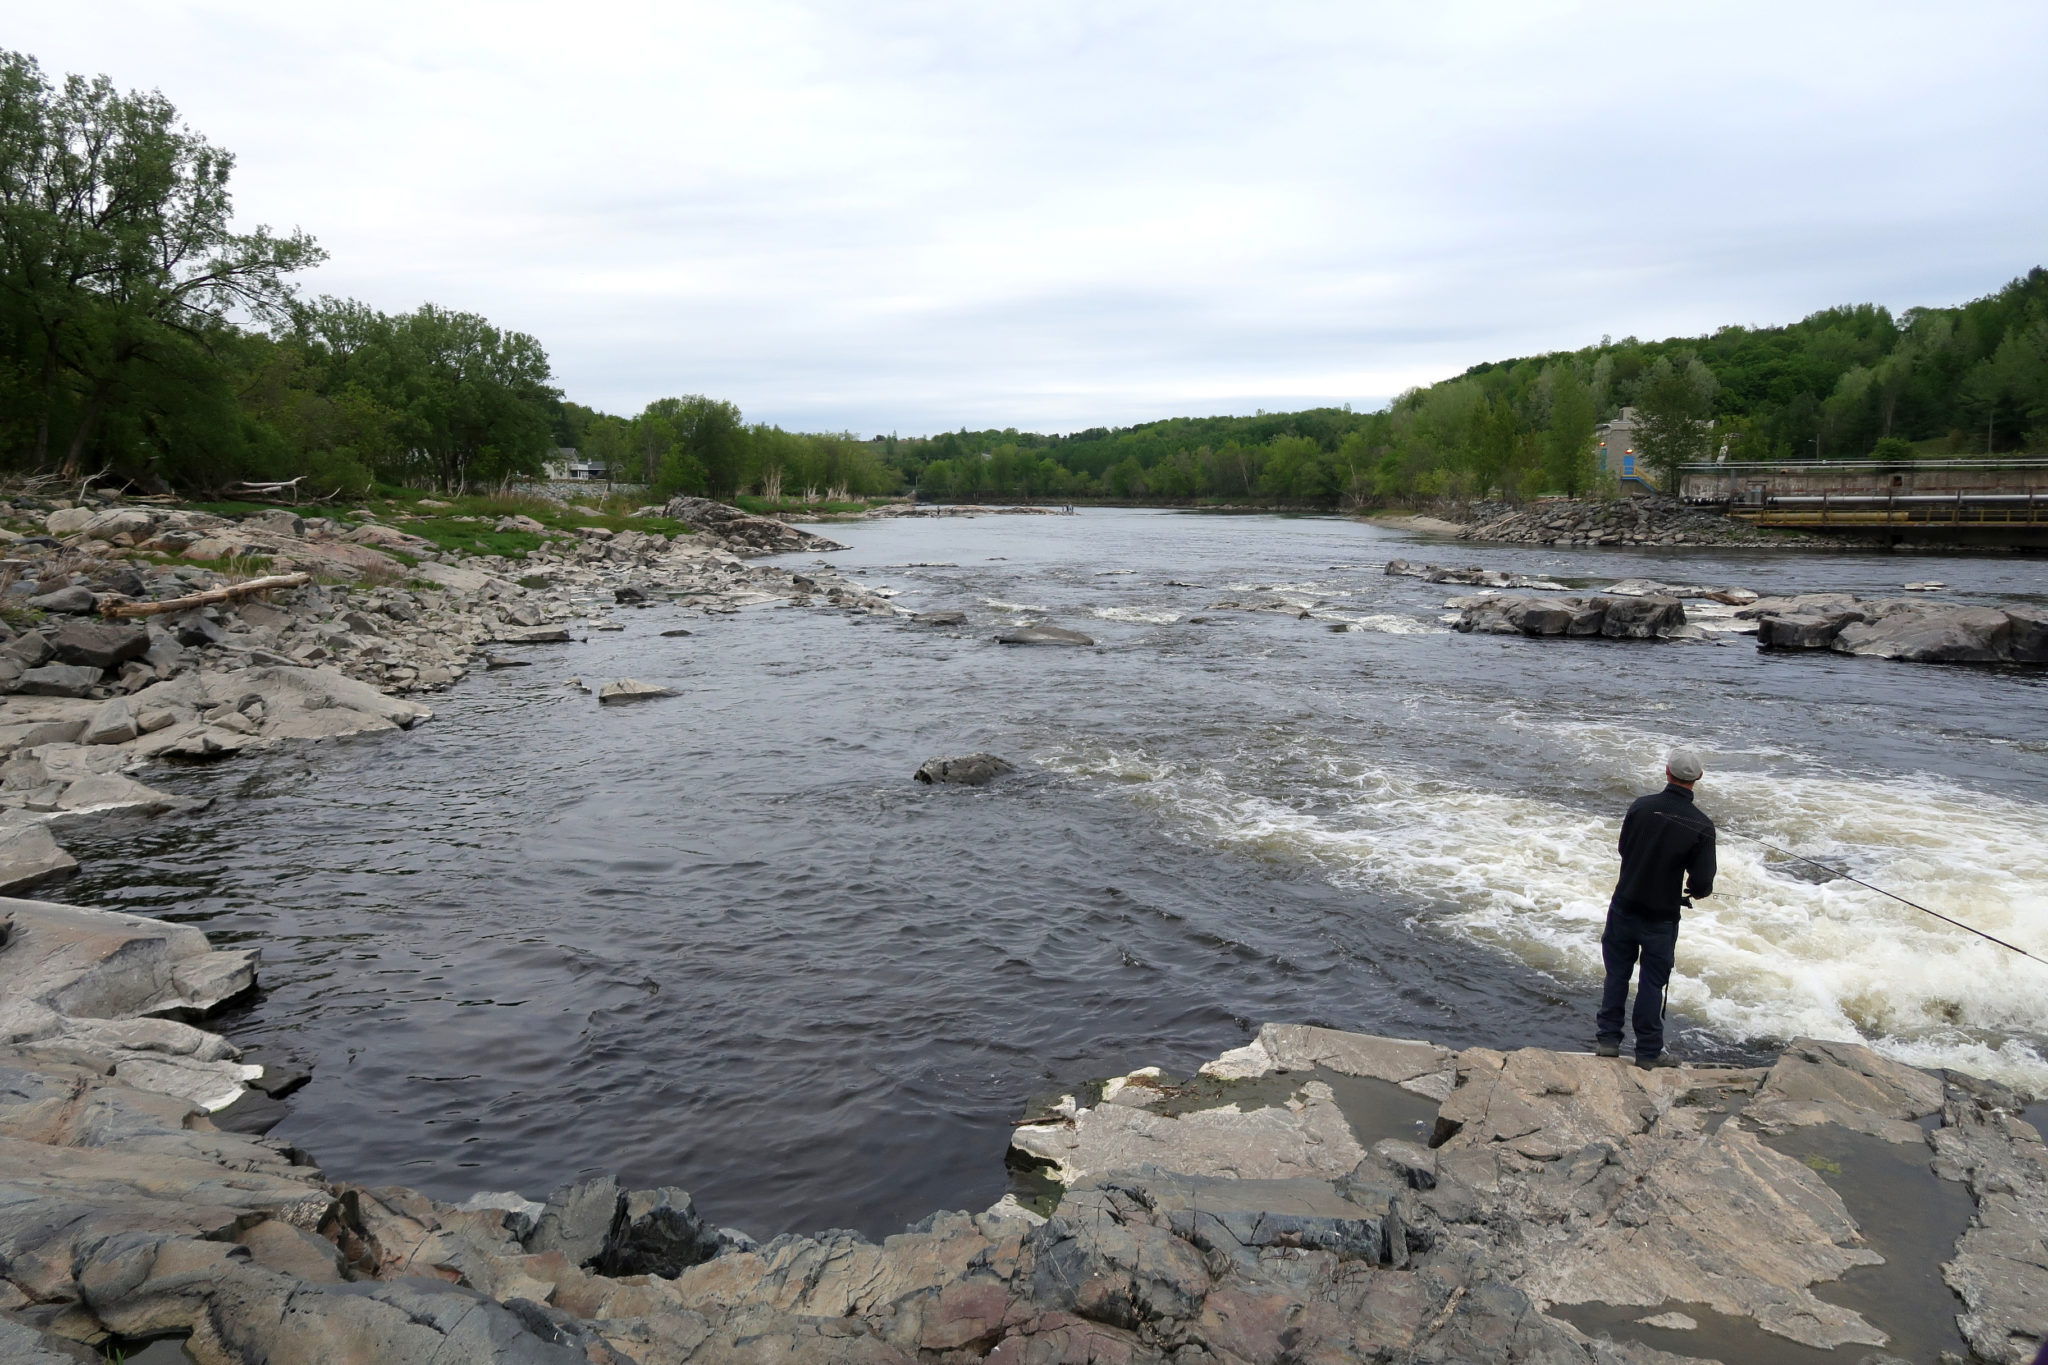 Día de pesca cerca de Sherbrooke, Quebec.